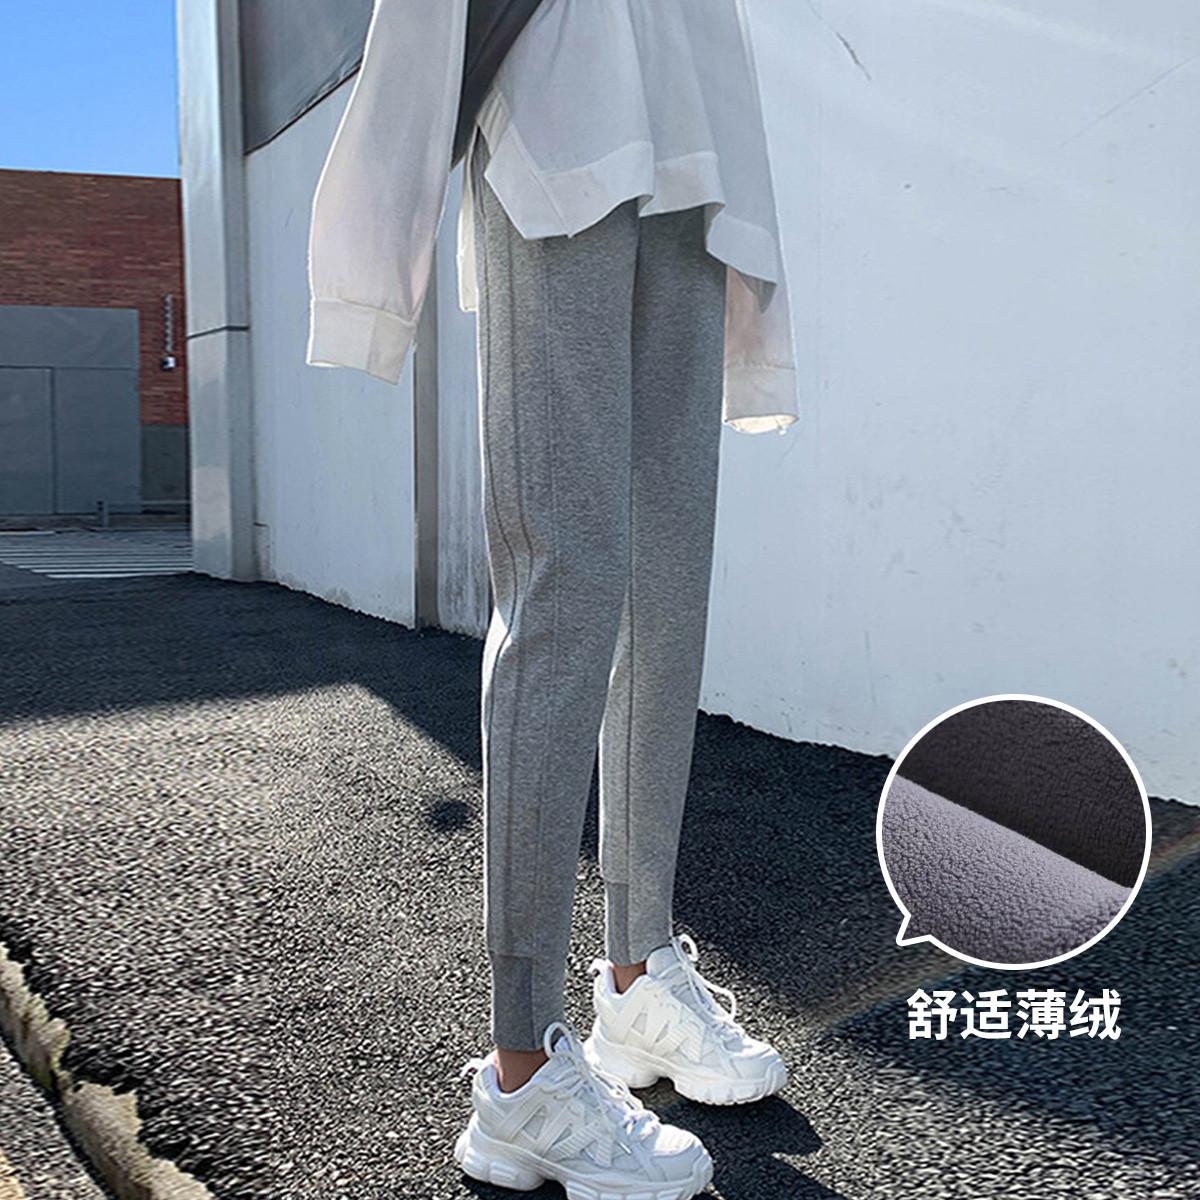 【爆款】运动裤女长裤宽松束脚百搭显瘦春季薄绒休闲卫裤长裤